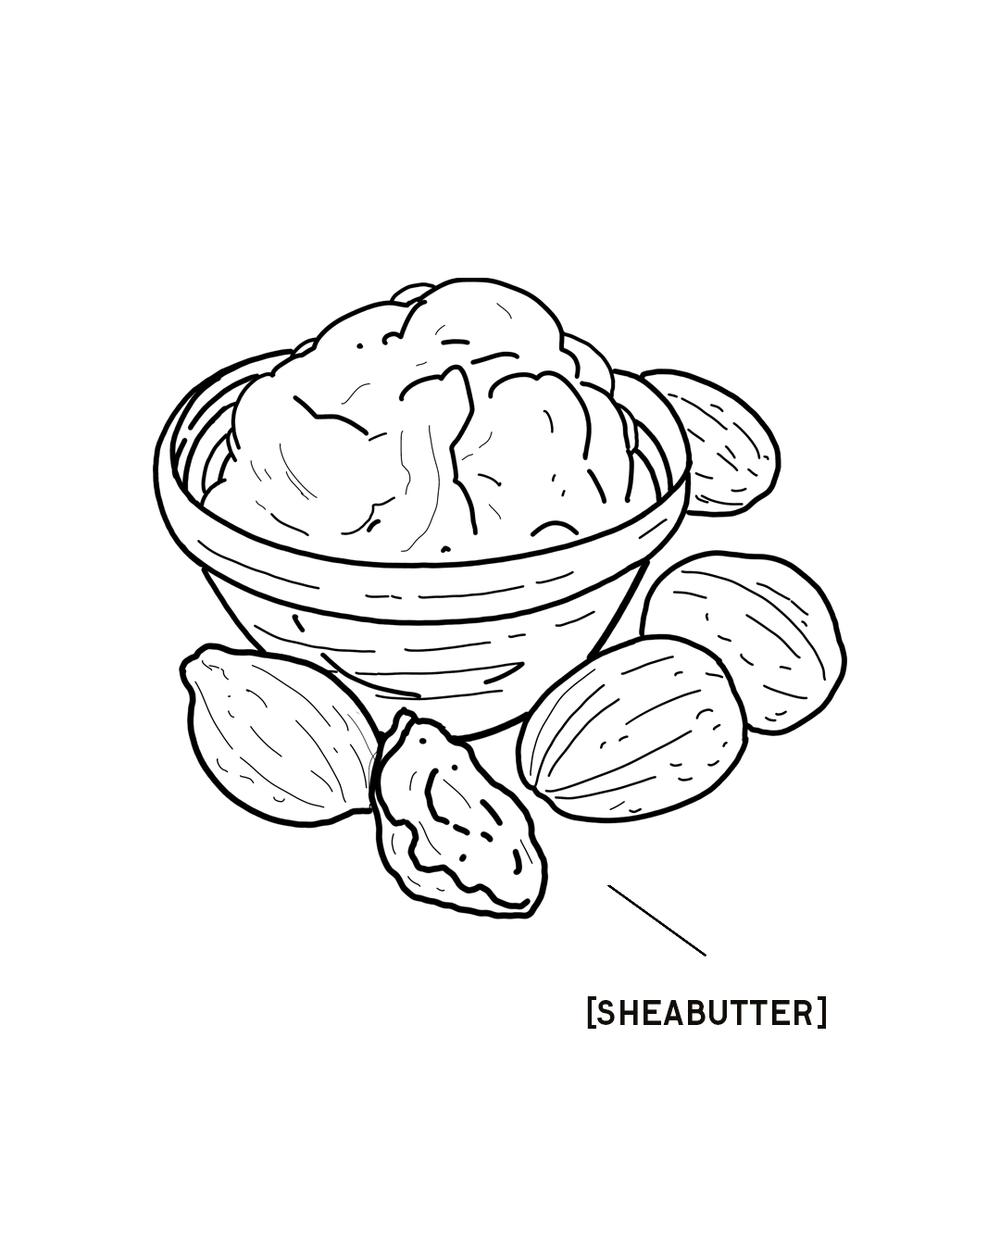 SHEABUTTER-1350X1080.png